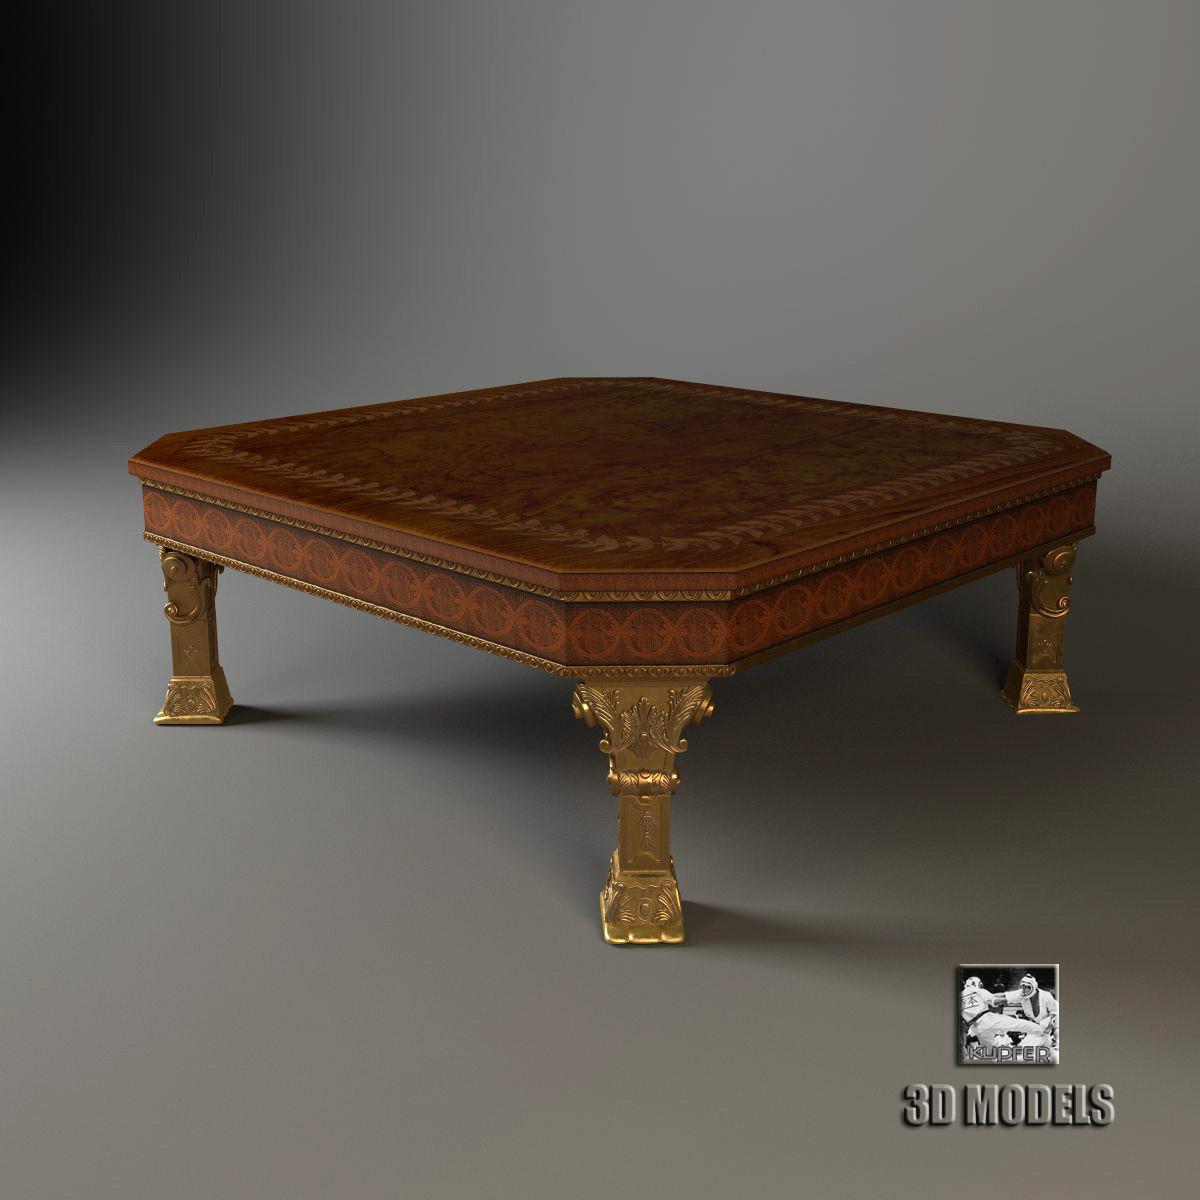 0134_scuare_coffe_table_1400x1400x520(provasi).jpg